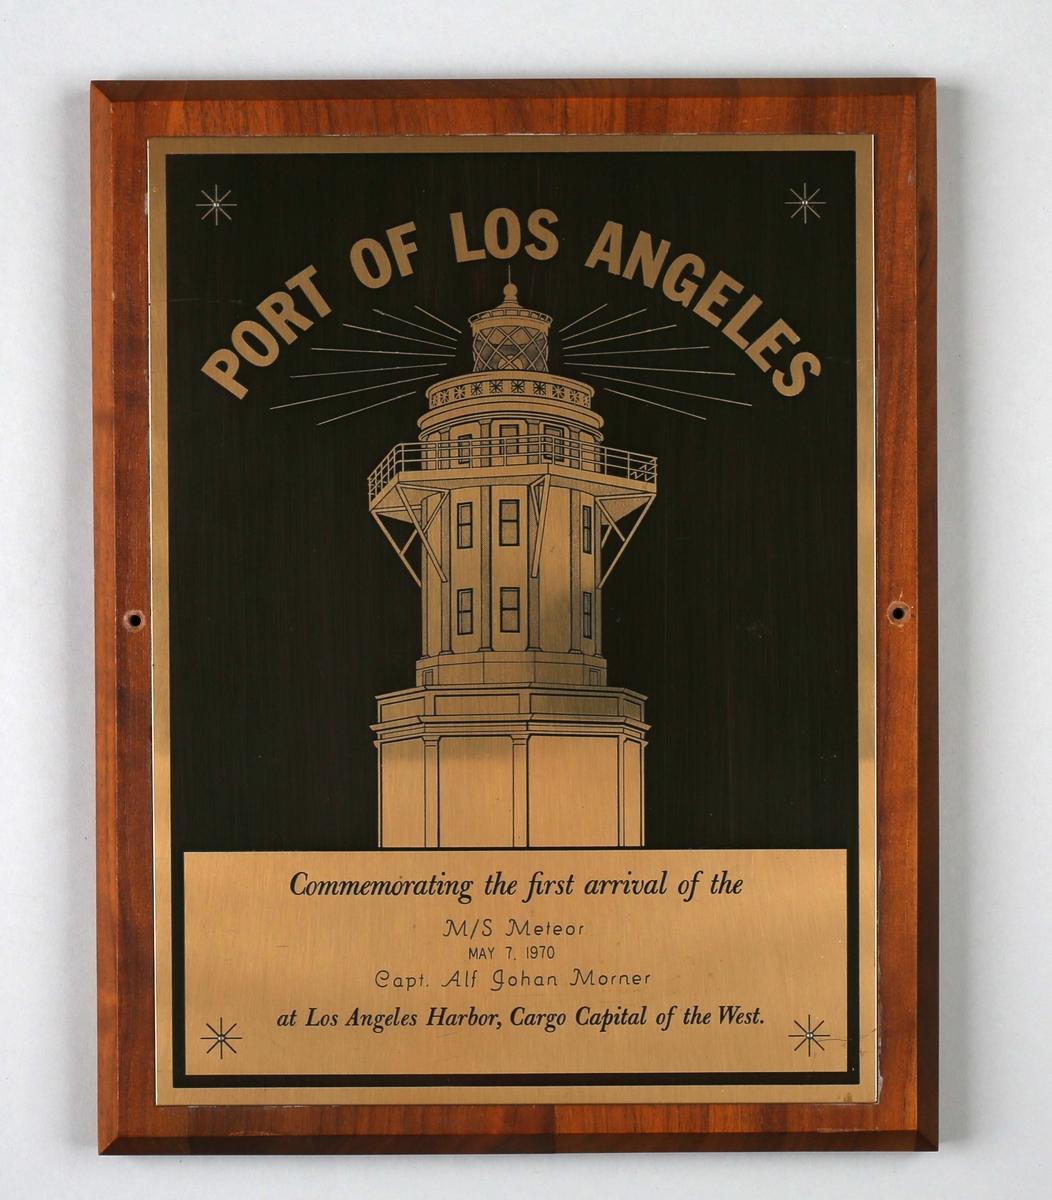 Plakett med motiv av fyrtårn i Los Angeles, California, U.S.A.